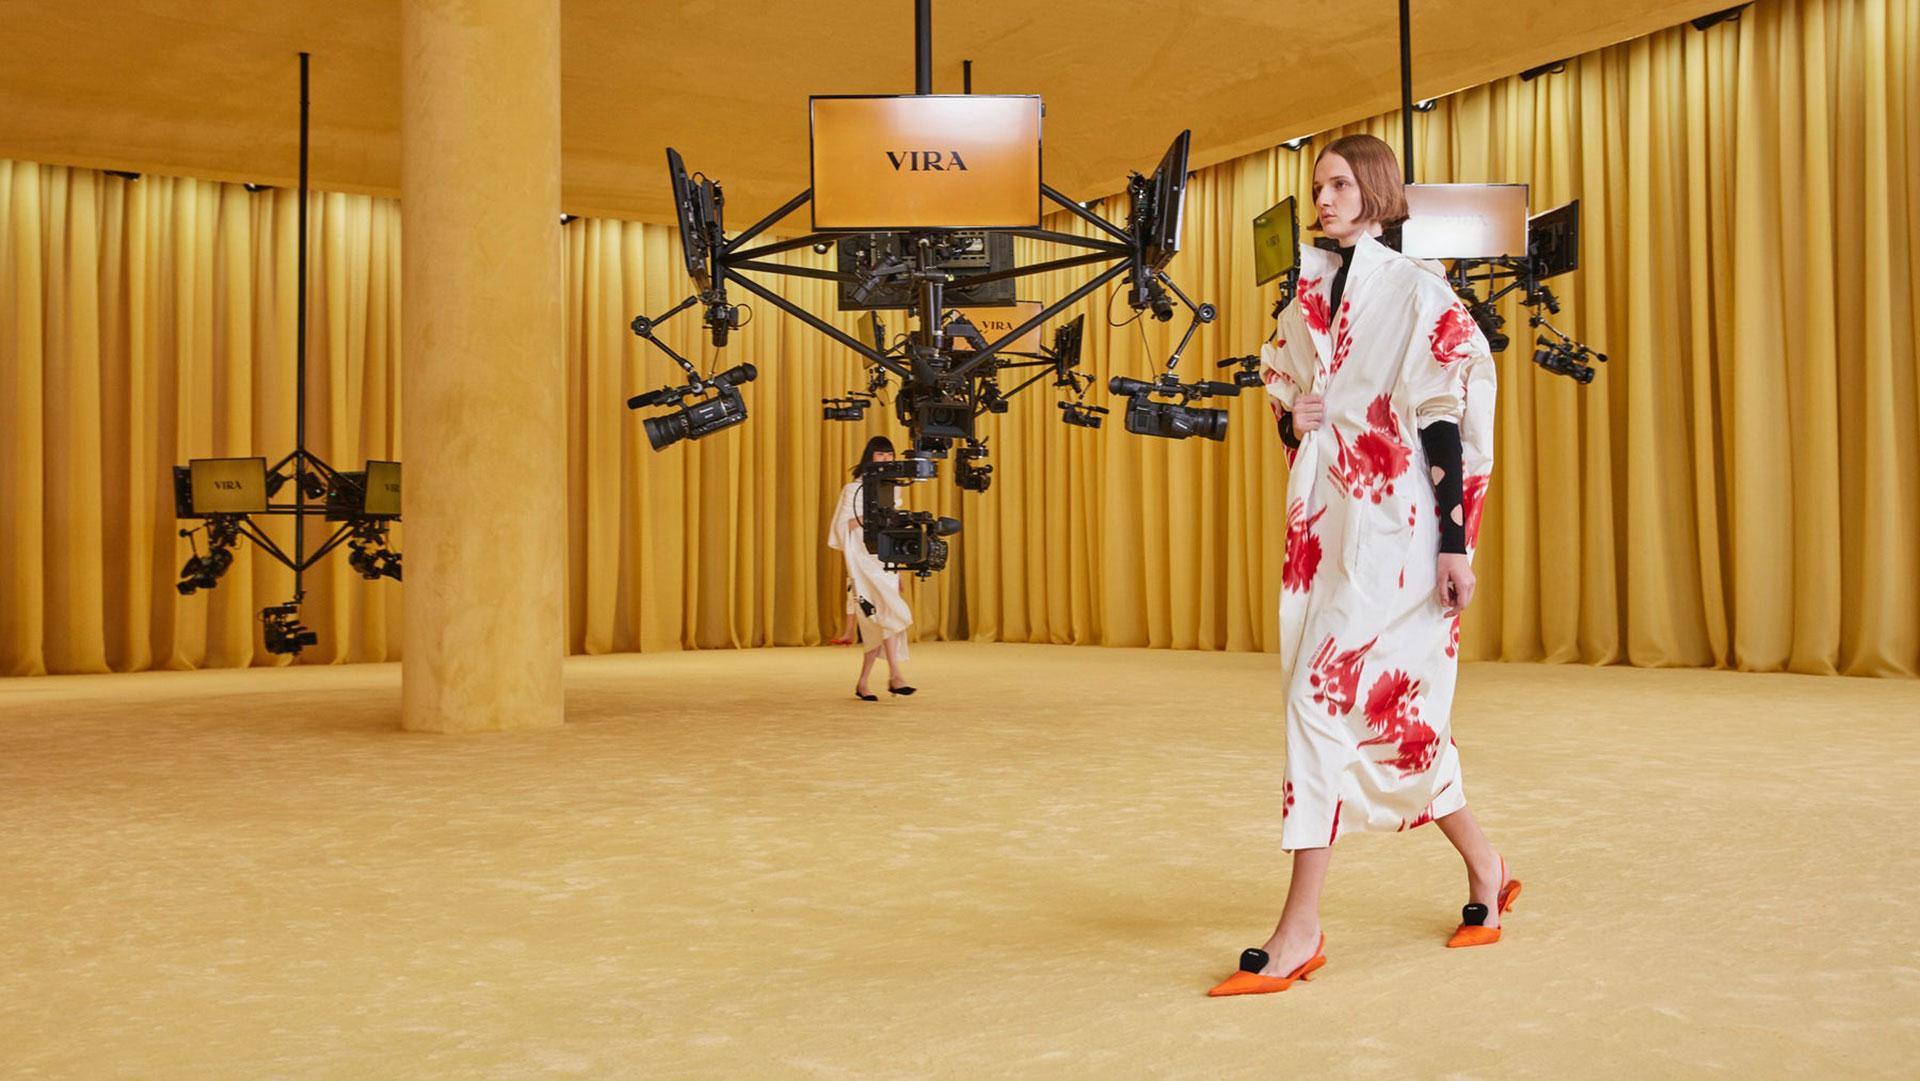 Виртуальный показ Prada фото